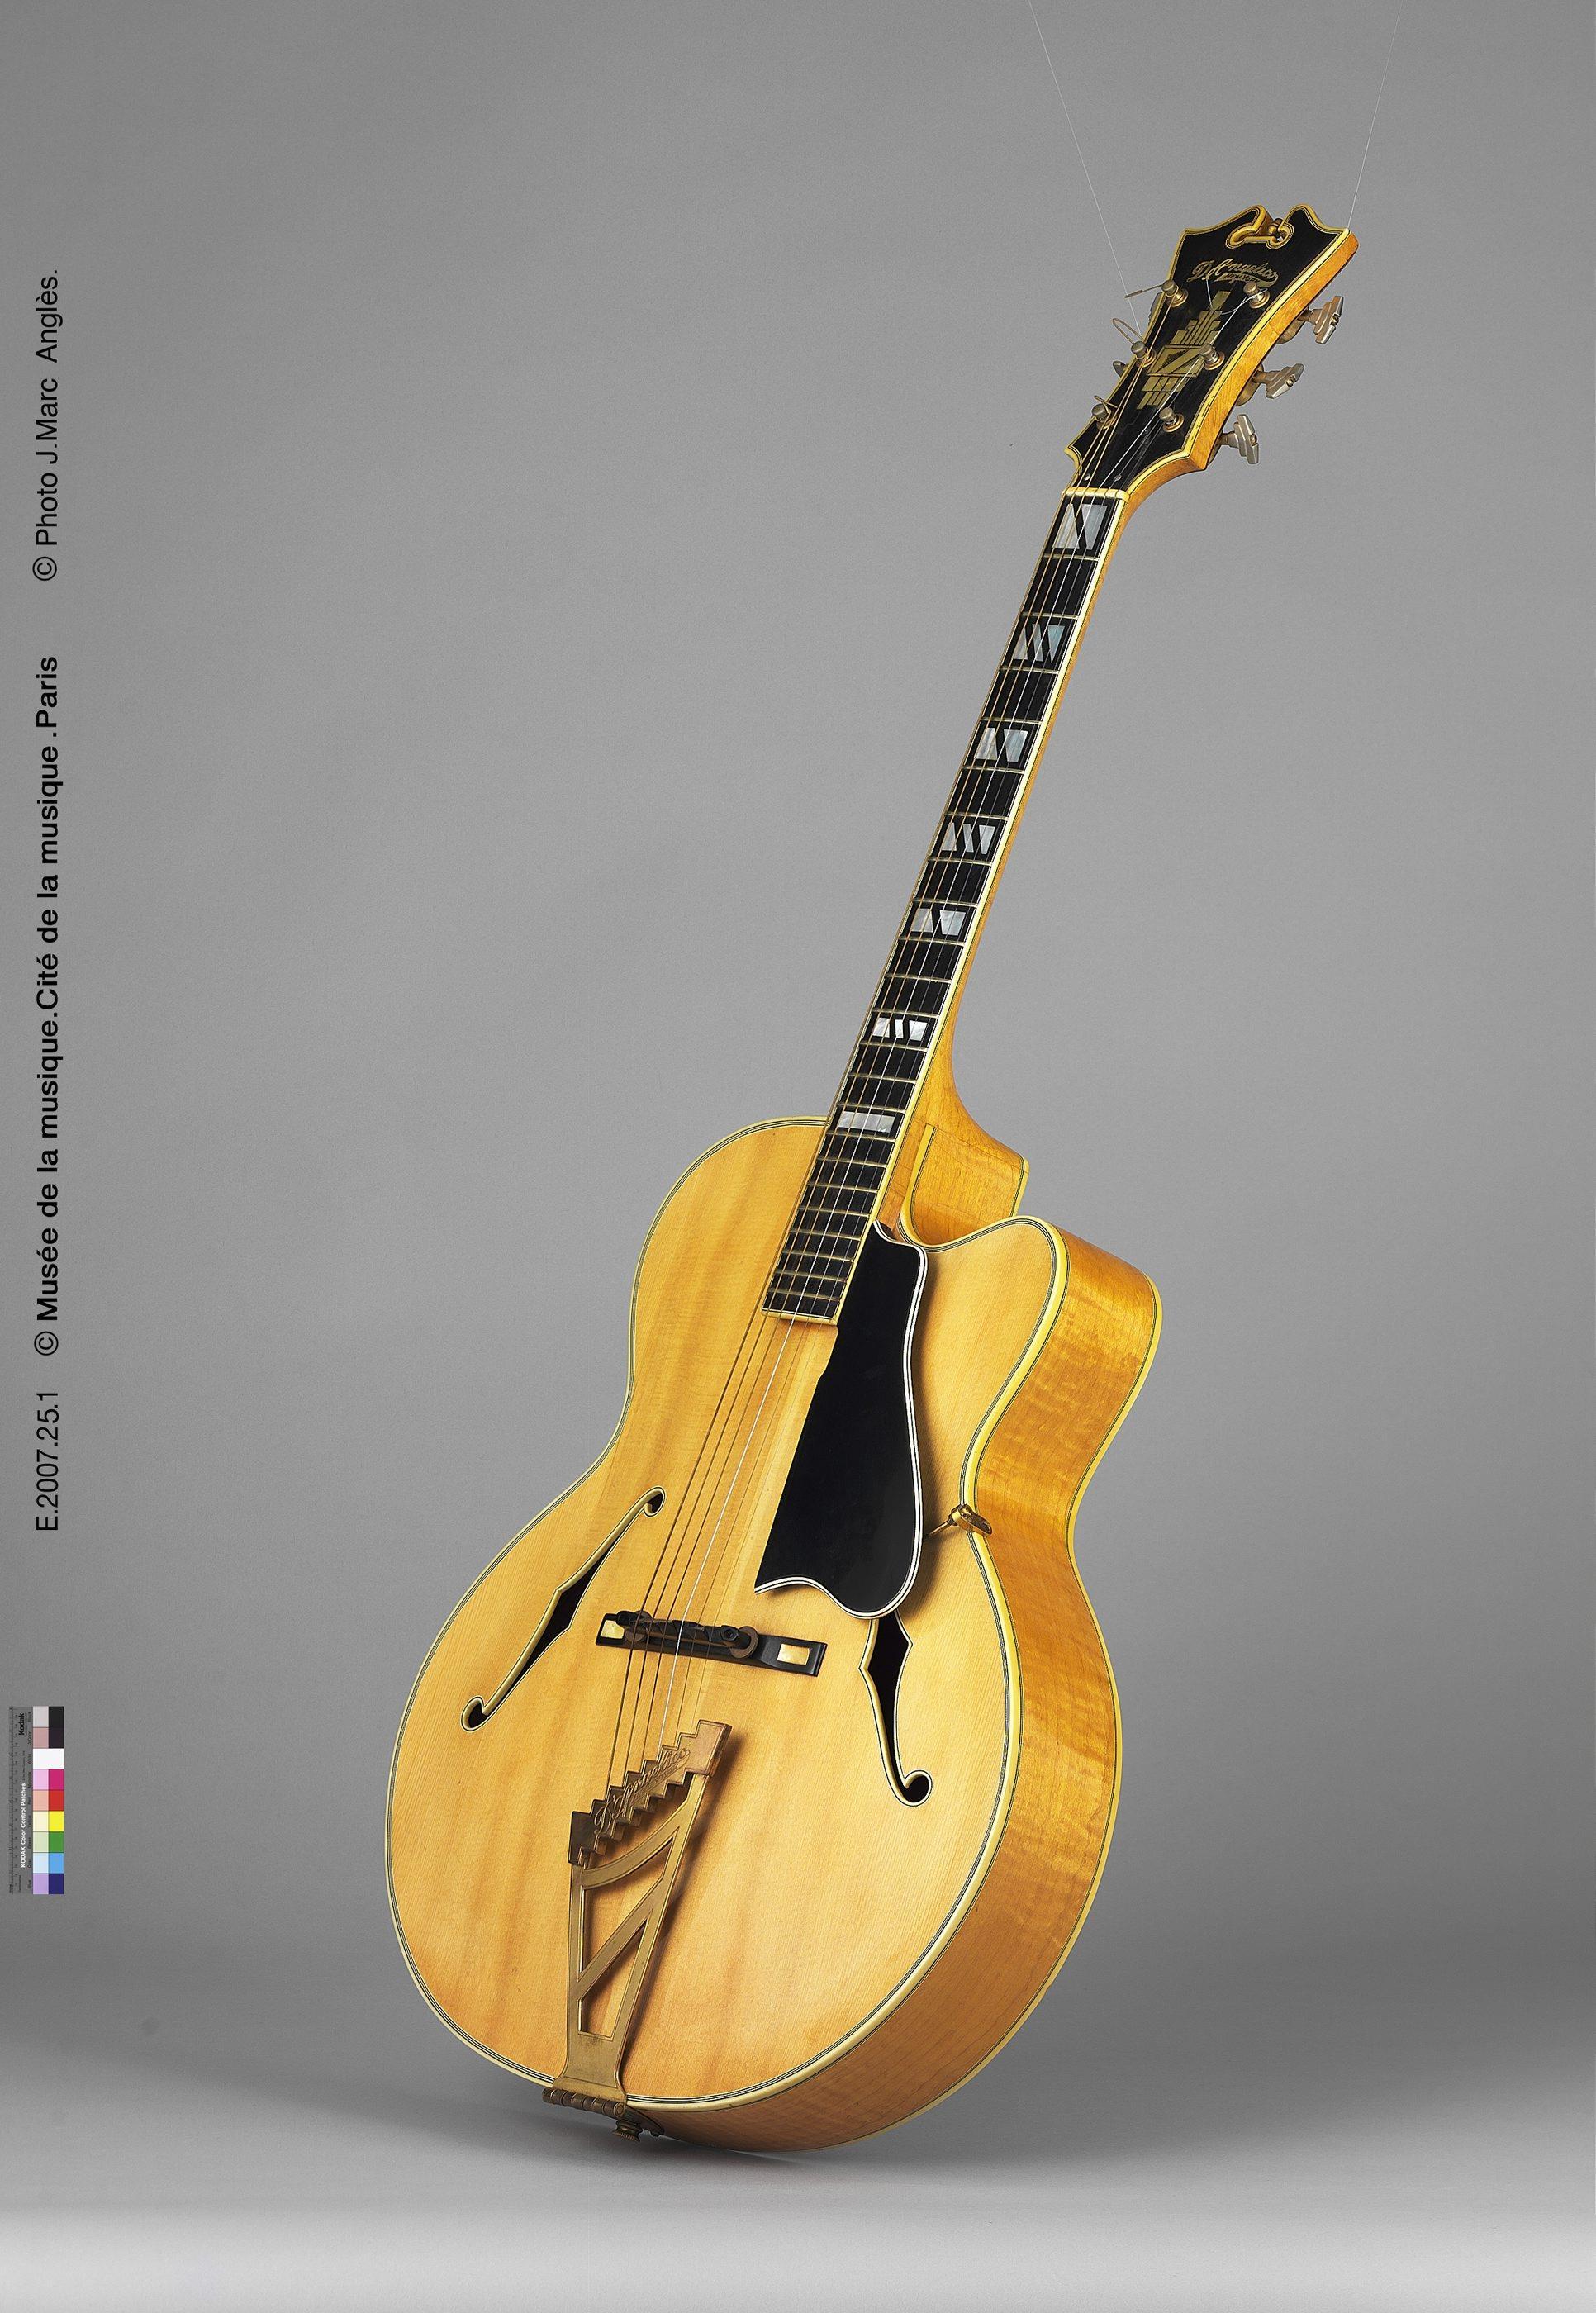 Guitare acoustique modèle Excel cutaway   John d' Angelico